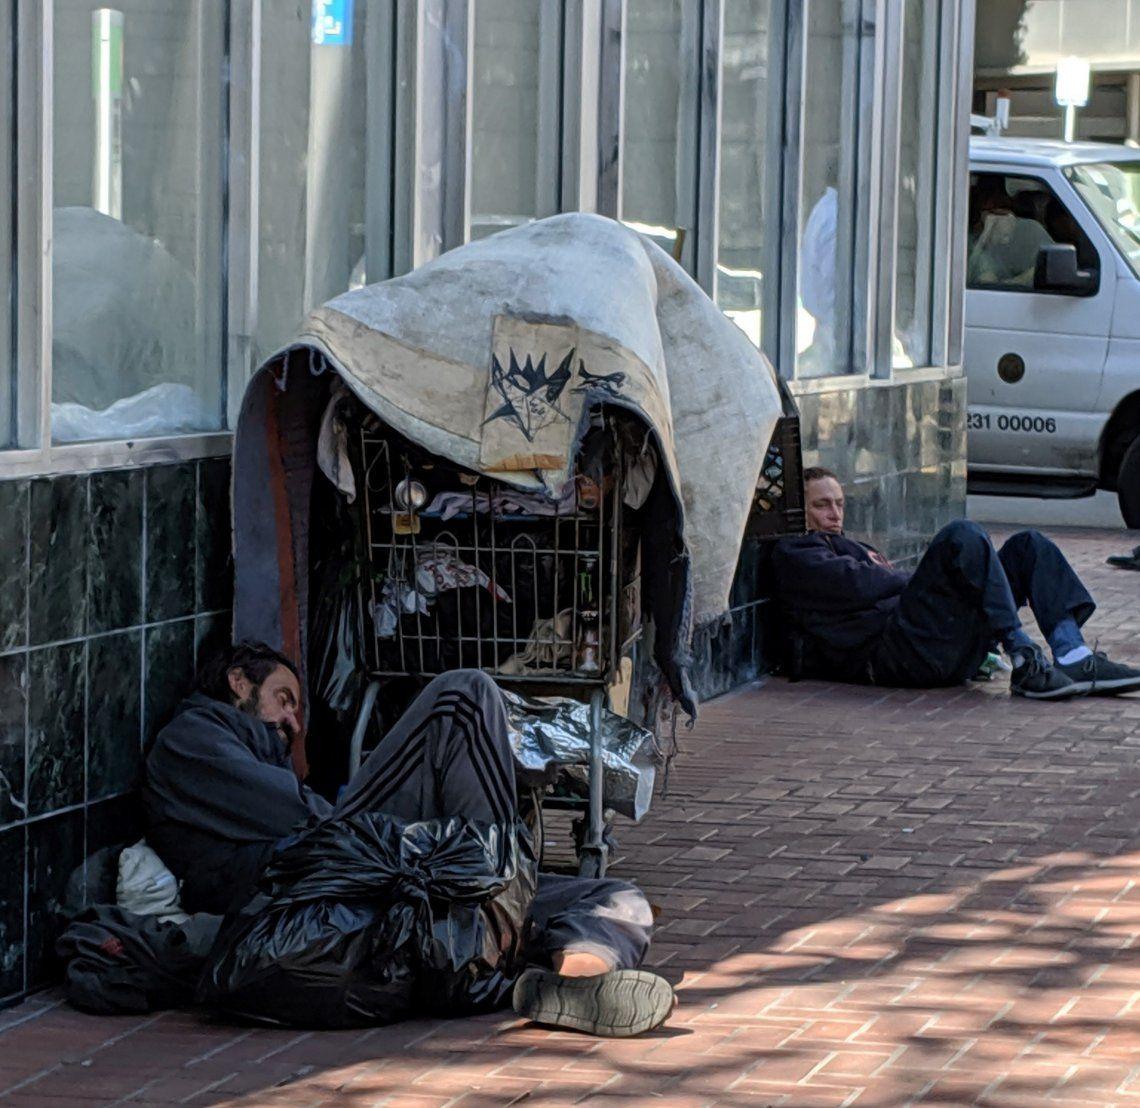 Temen que el coronavirus haga estragos entre quienes viven en la calle.